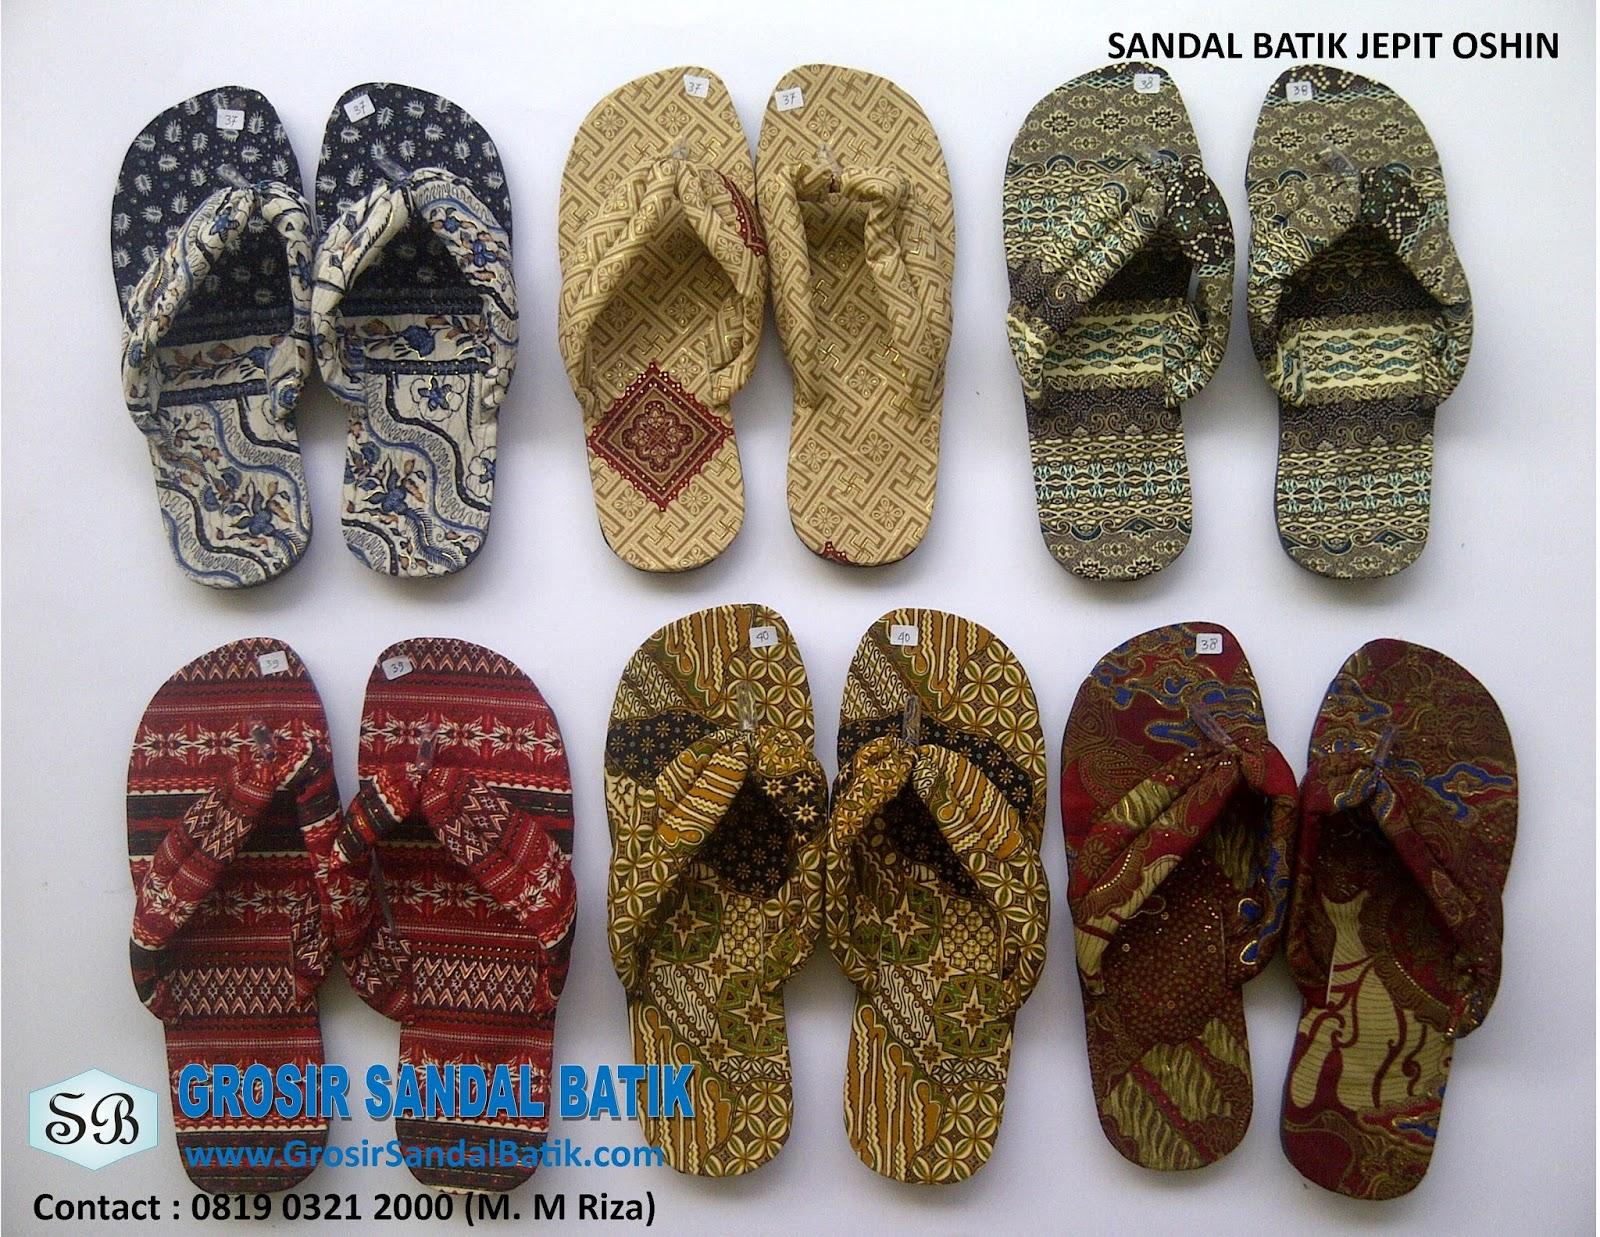 sepatuwanitaterbaru2016: Distributor Sandal Murah Images